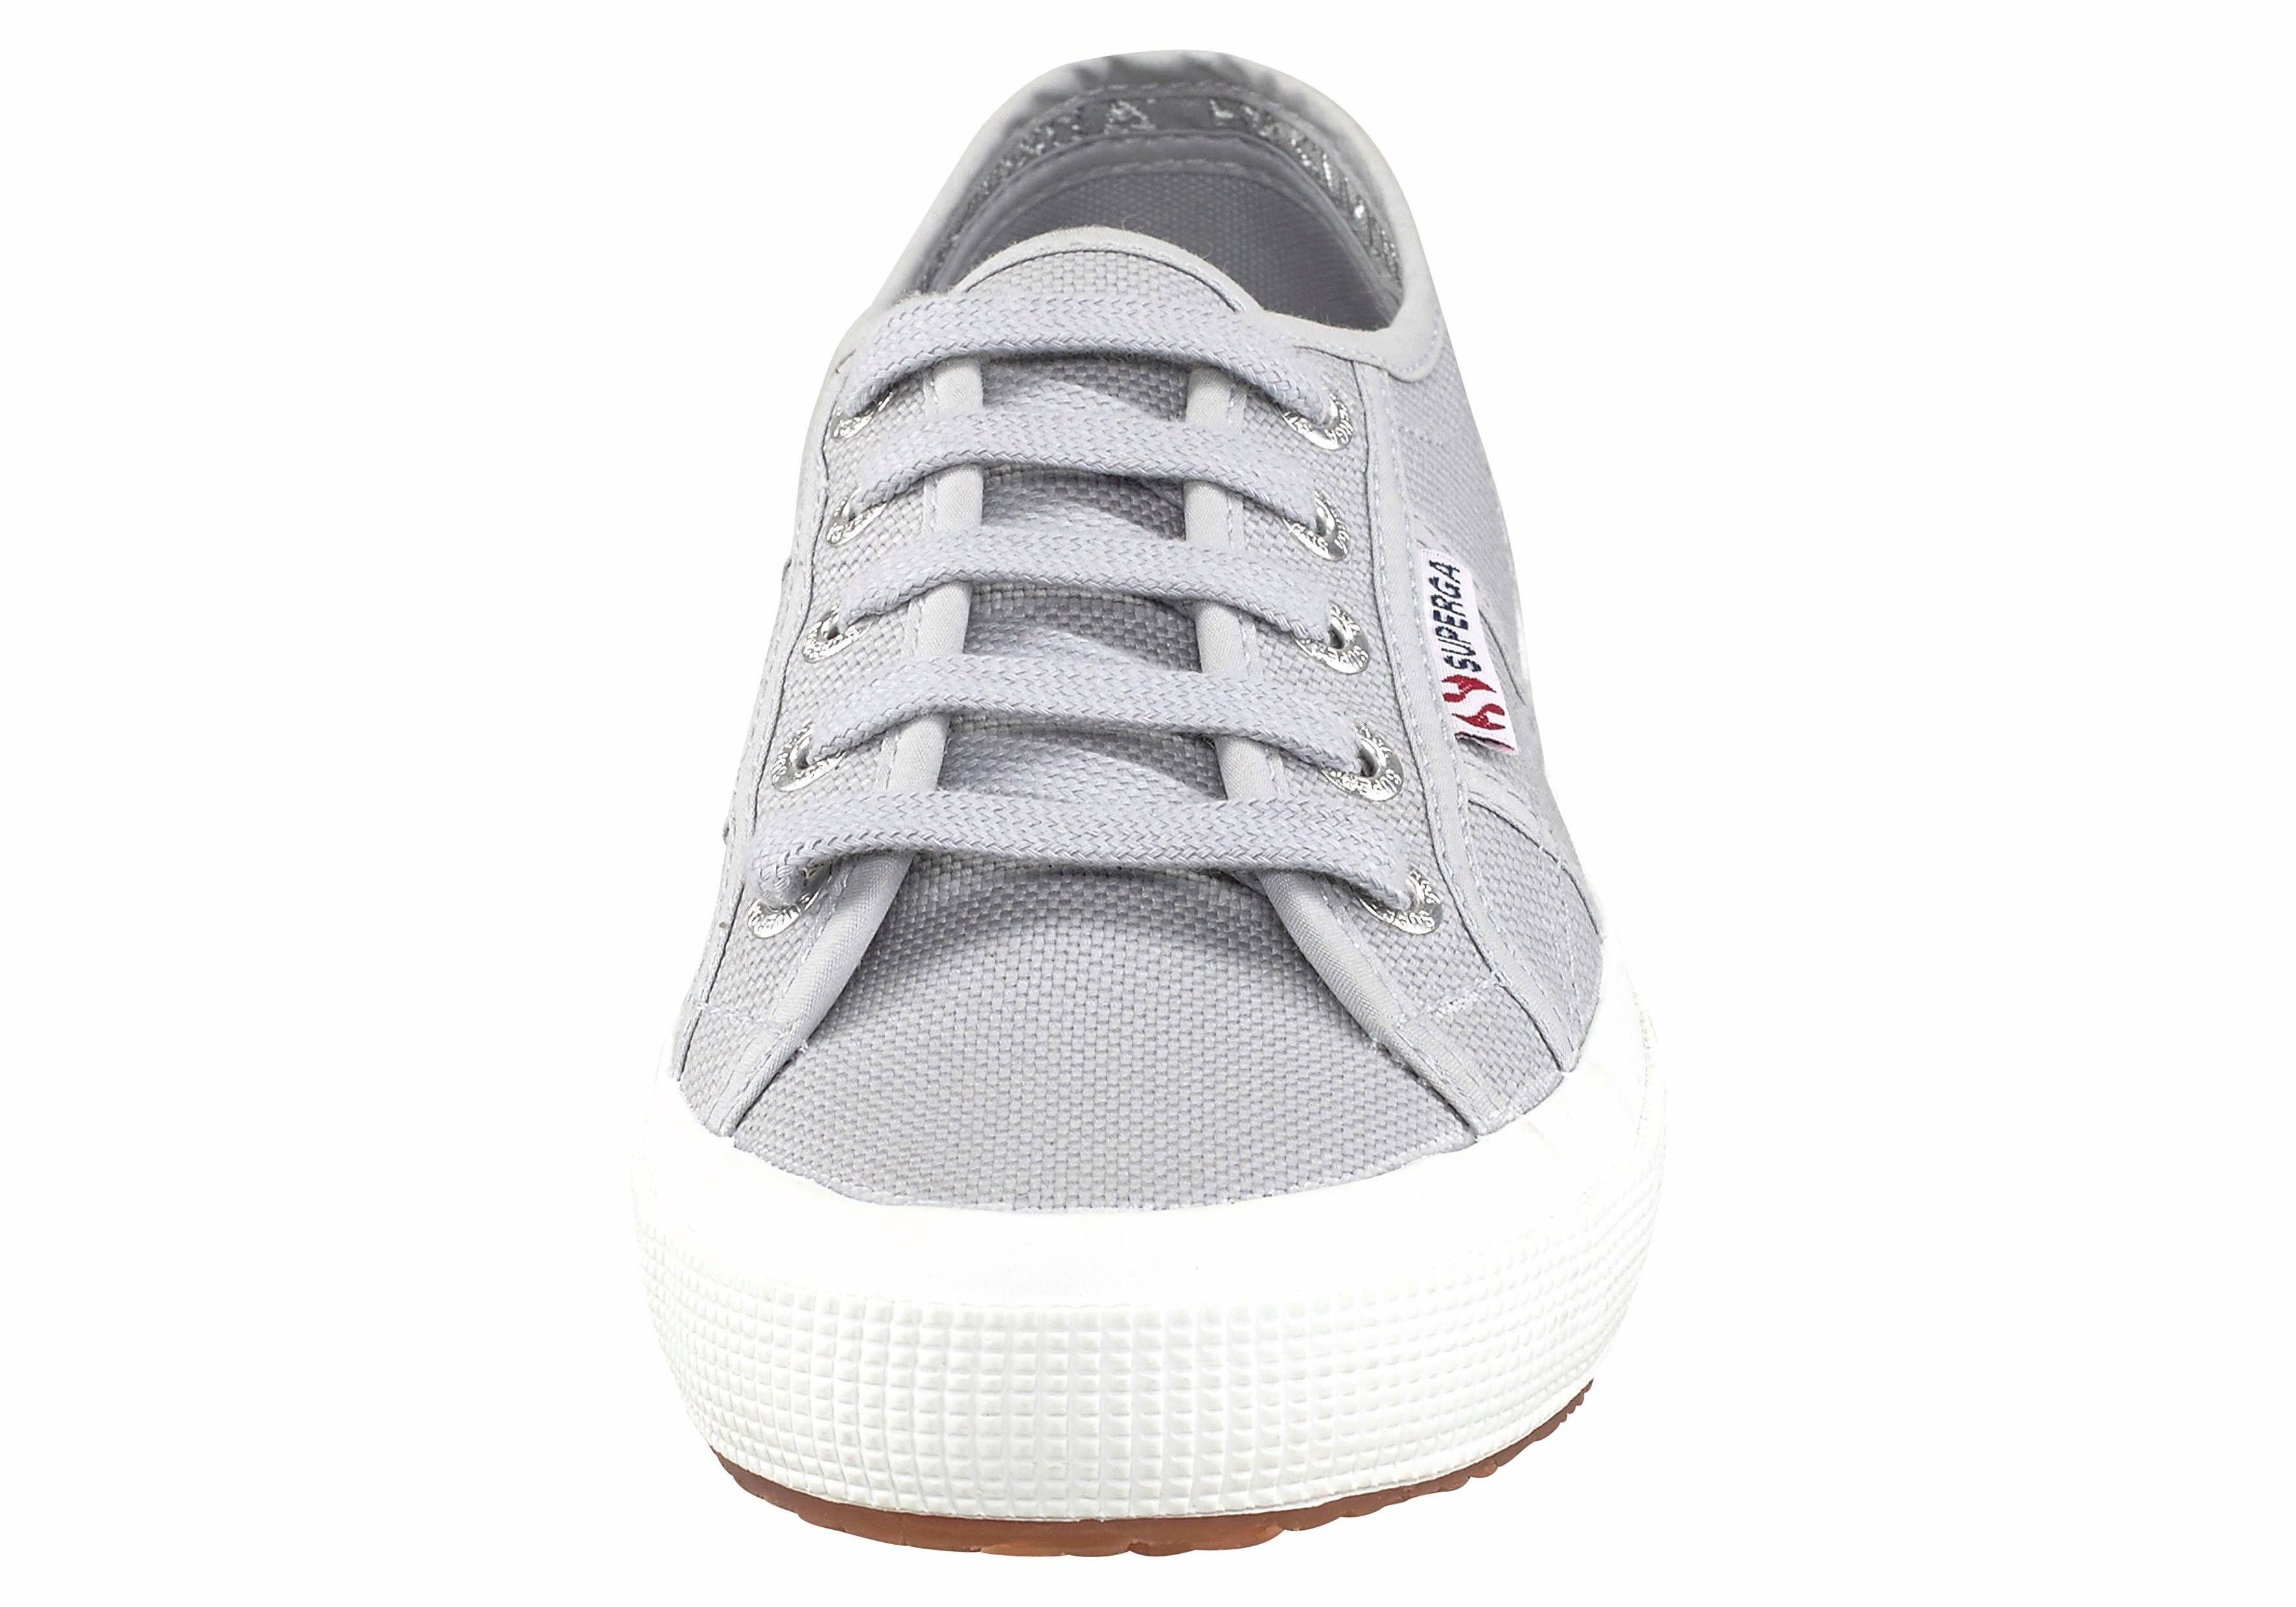 Sneaker Cotu Sx8v 4 Grau Superga Classic Vapor 0 Eu 0 37 Uk 2750 Größe grey tw5q6ZC